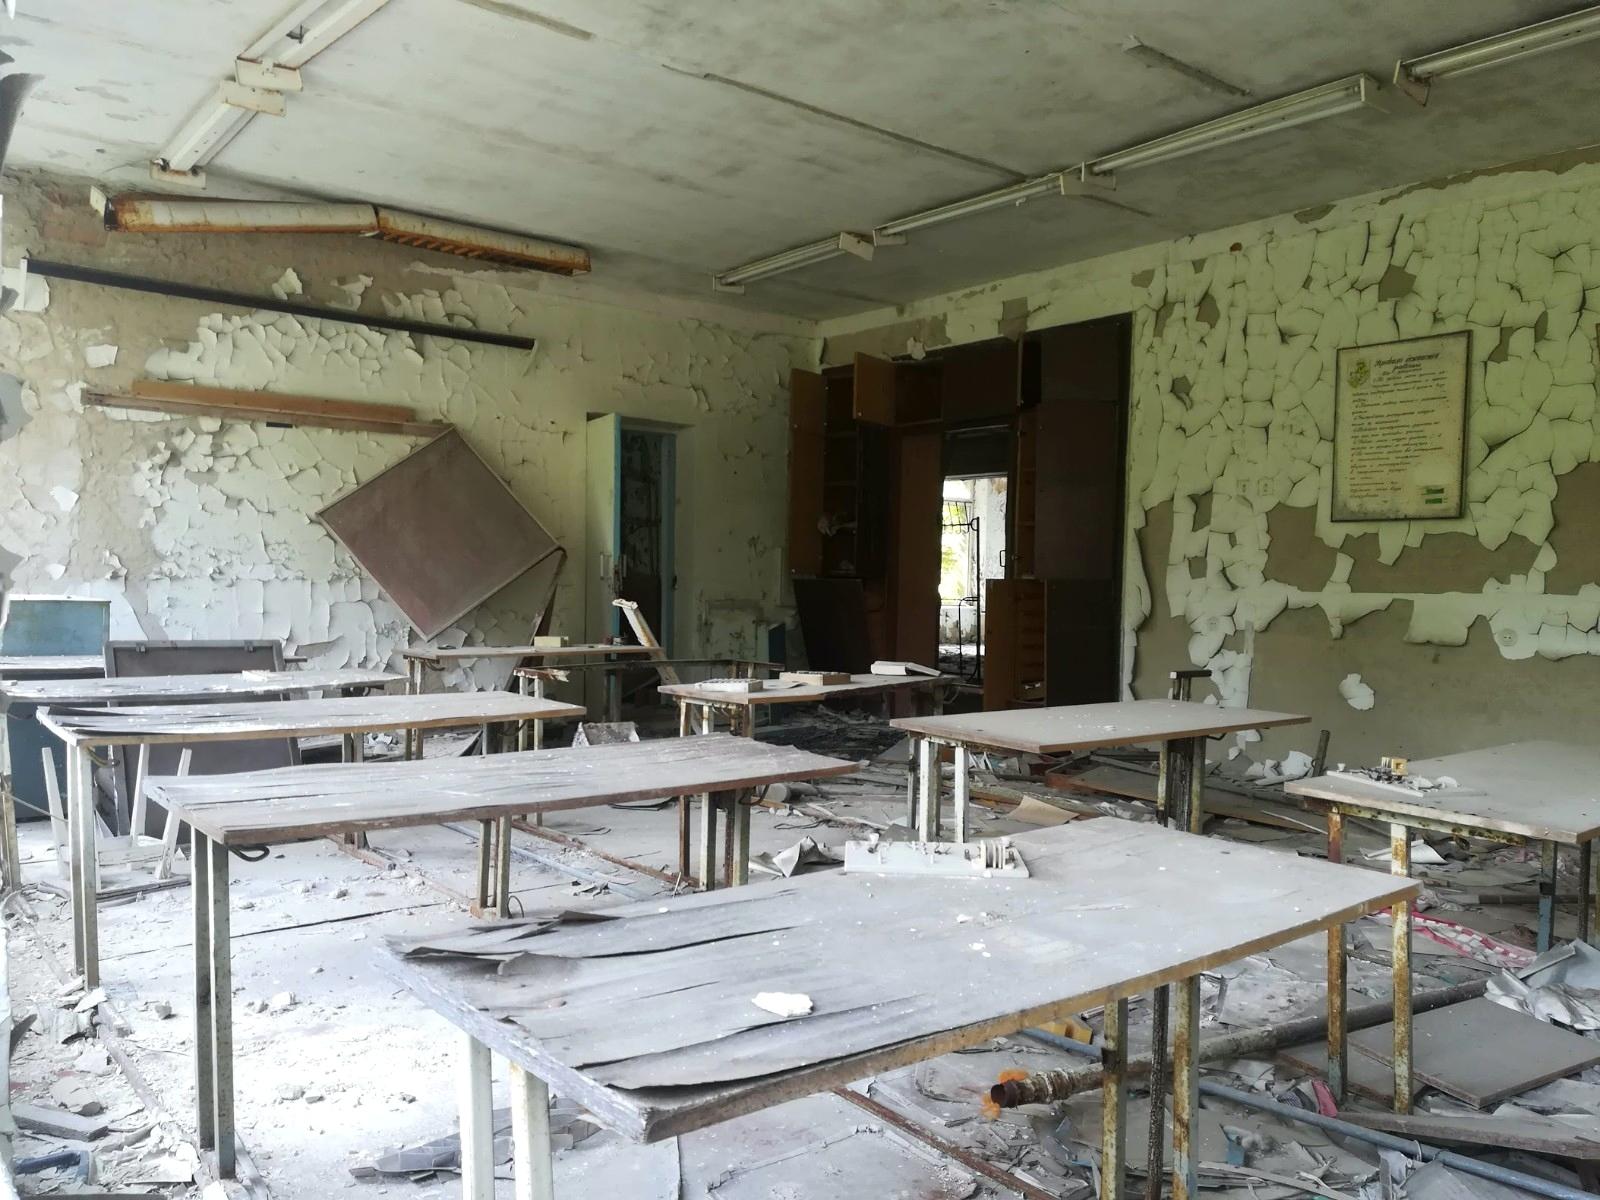 Tino Schlench - Literaturpalast - Tschernobyl Prypjat 2